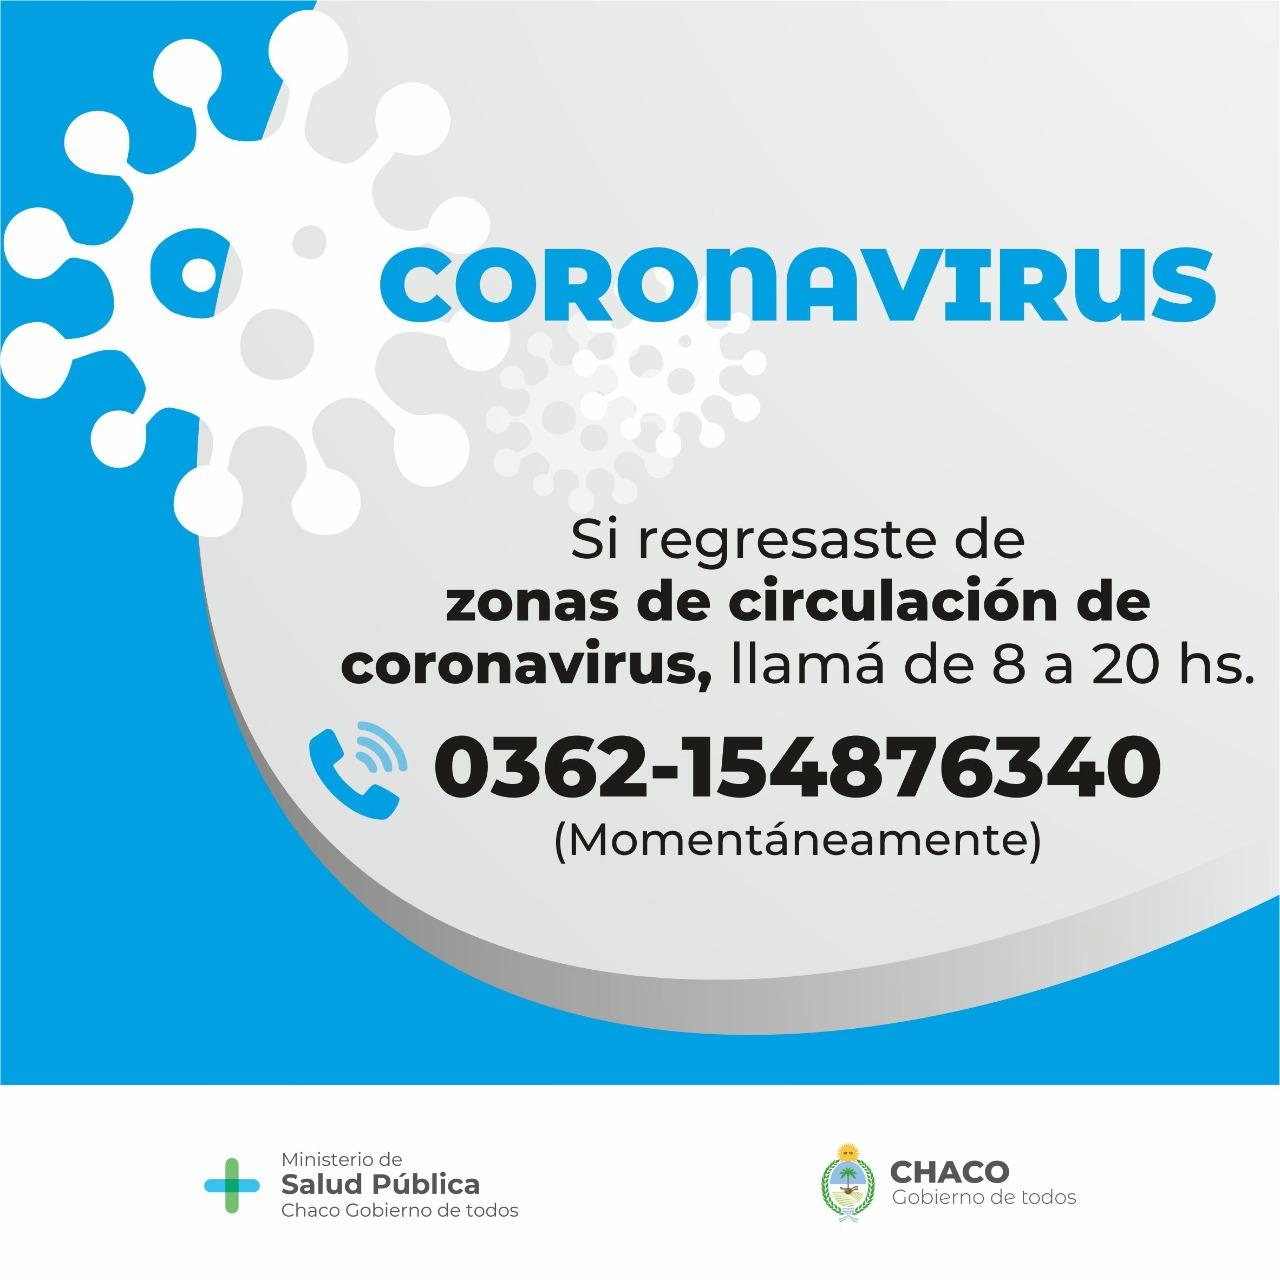 Salud actualizó la información sobre coronavirus y dengue en Chaco